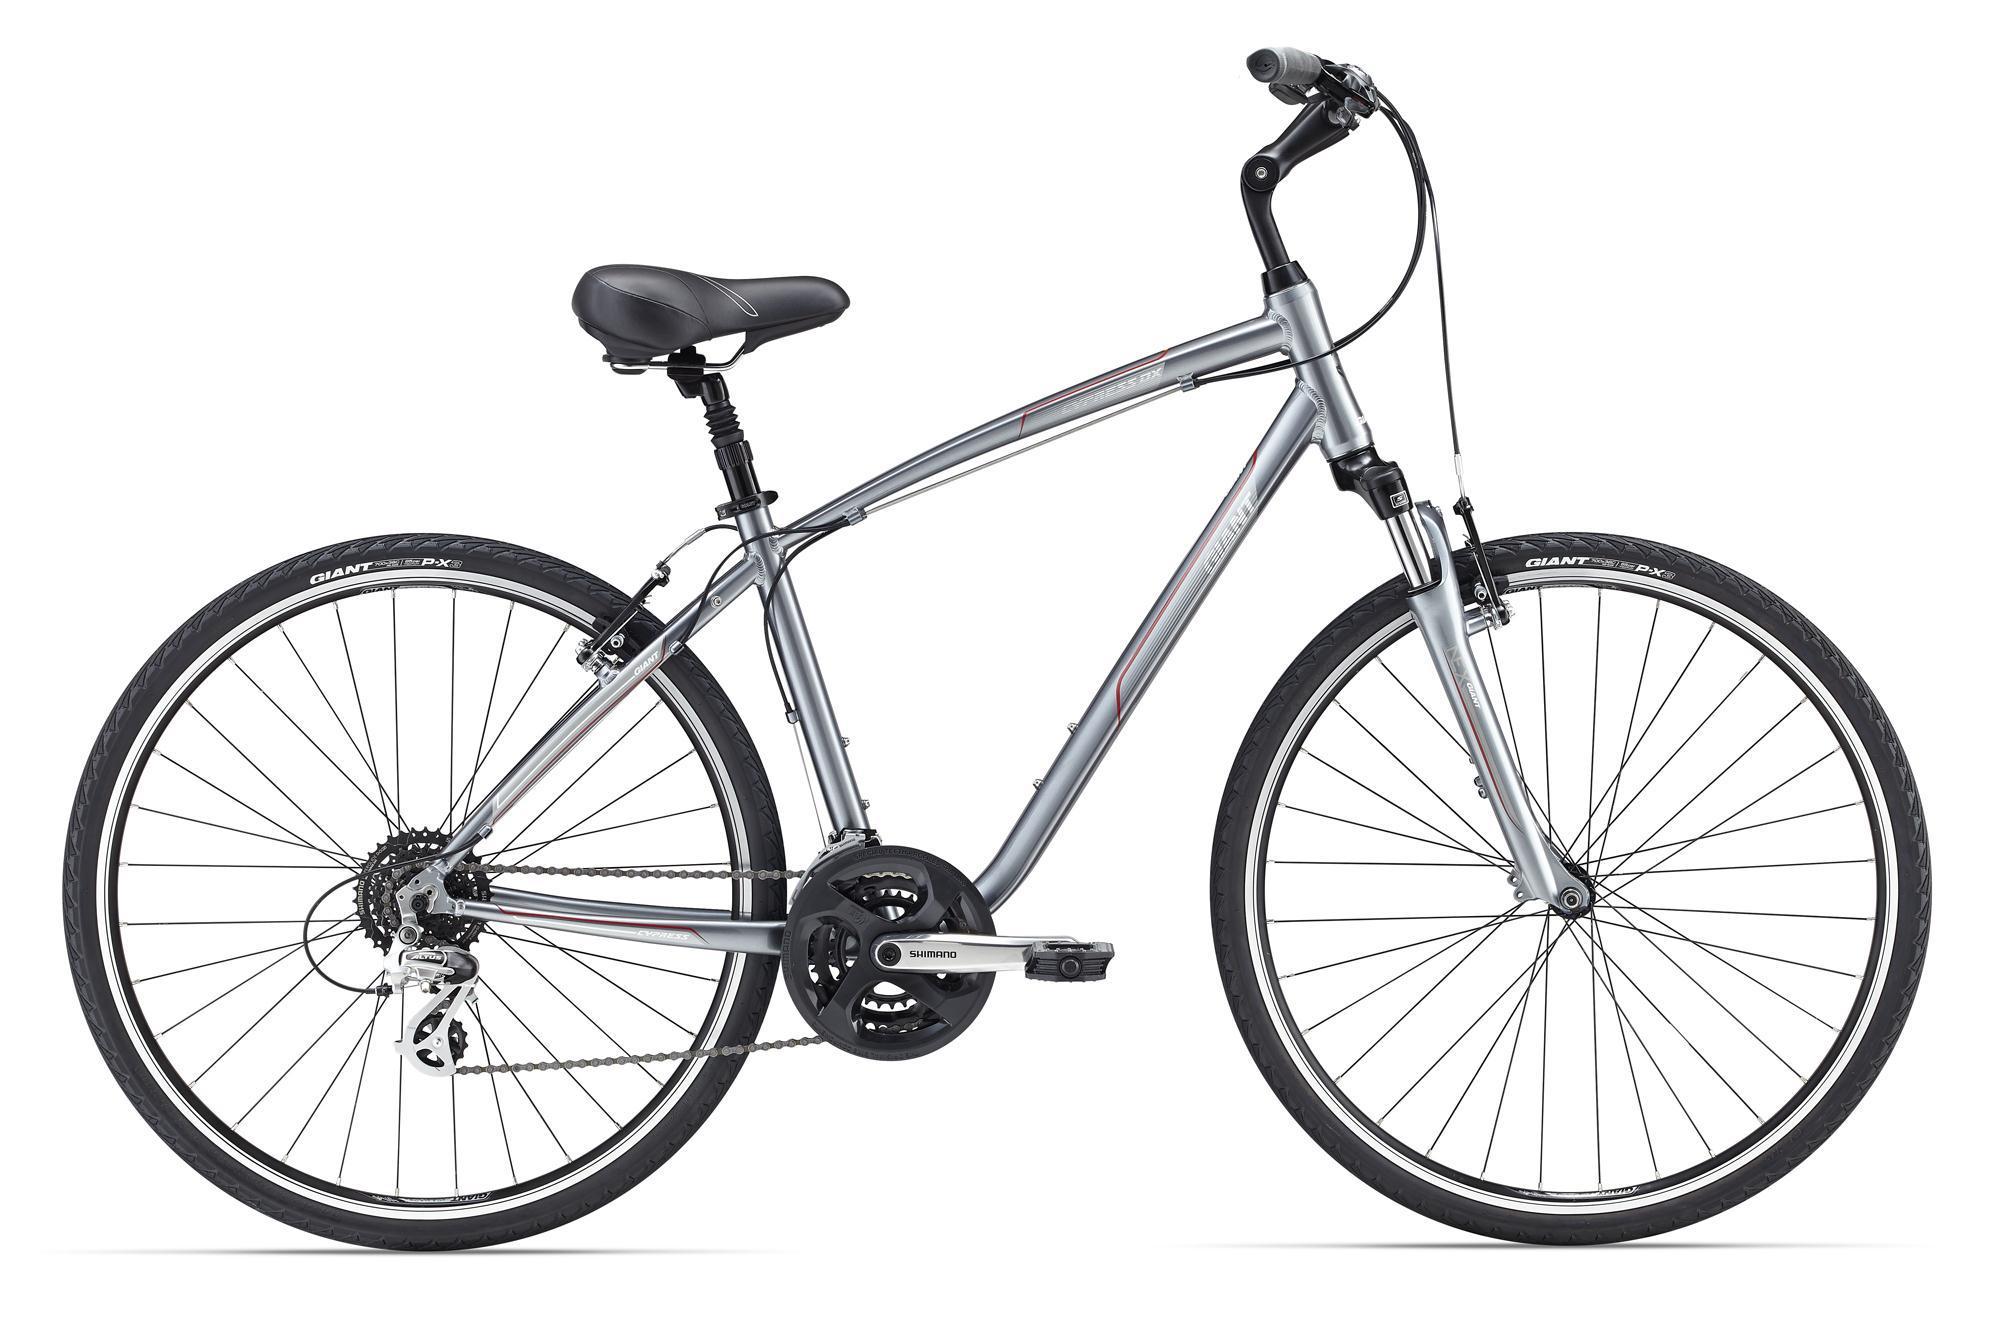 Giant Cypress DX (2016)Городские<br>Замечательный повседневный велосипед, чтобы просто кататься по городу, не важно зачем или с кем. Его основные преимущества – продуманная геометрия рамы из фирменного алюминия ALUXX и удобная посадка, большие колеса 700с, которые отлично подойдут для городского катания, а также амортизационная вилка и подседельный штырь – теперь вам не страшны плохие дороги! На Cypress DX также установлено большое мягкое седло – все на страже вашего комфорта.<br>